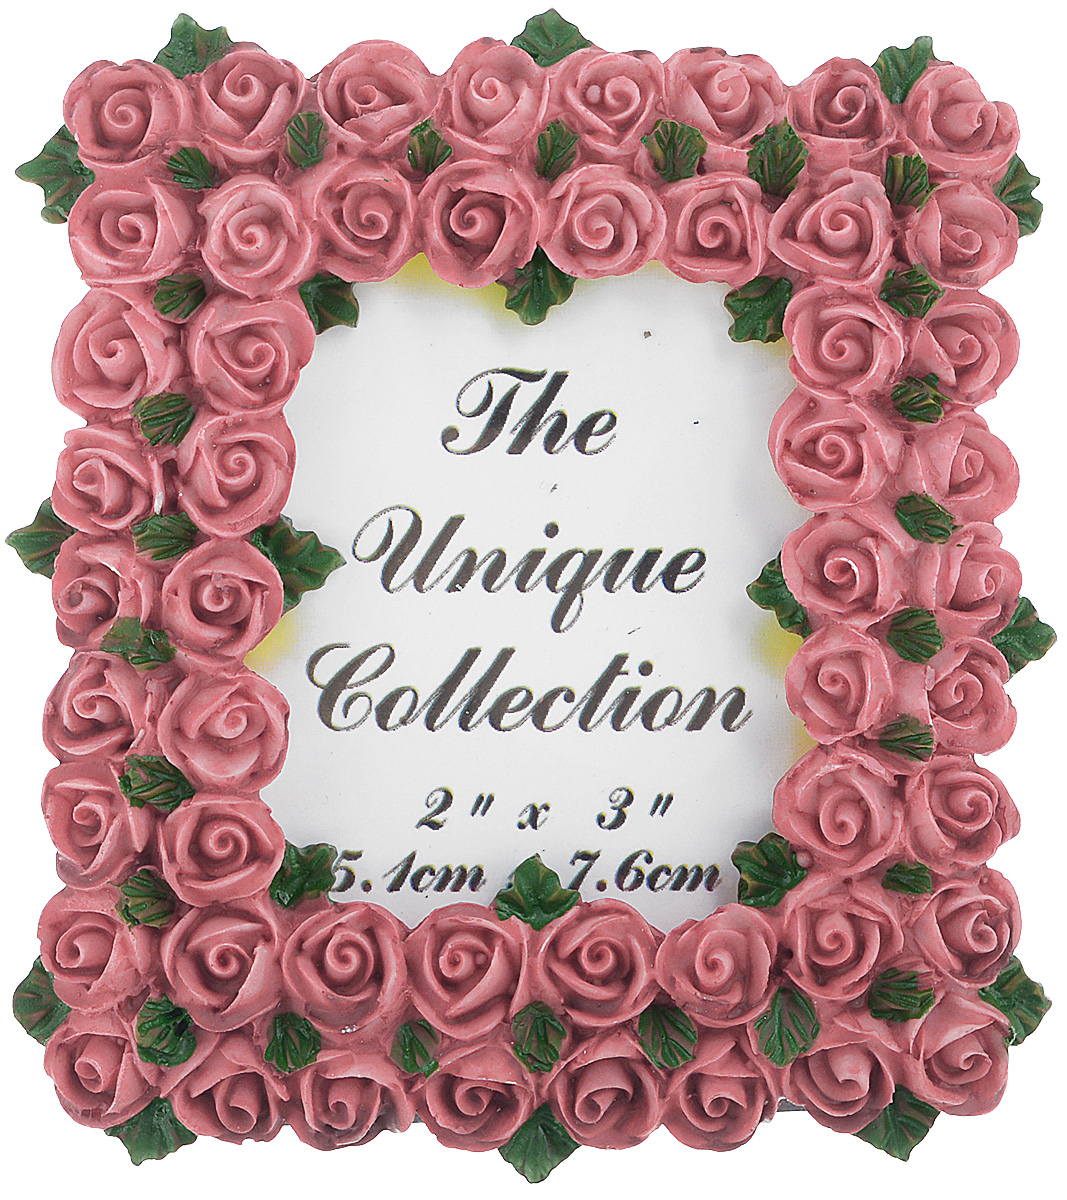 Декоративная фоторамка Home Queen Букет роз, цвет: бледно-розовый, 5,1 х 7,6 см41275Декоративная фоторамка Home Queen Букет роз поможет вам оригинально дополнить интерьер помещения. Фоторамка декорирована изображением роз. Задняя сторона оснащена ножкой для размещения на столе.Такая рамка позволит сохранить на память изображения дорогих вам людей и интересных событий вашей жизни, а также станет приятным подарком для каждого. Размер фотографии: 5,1 см х 7,6 см.Размер фоторамки: 8 см х 8,5 см.